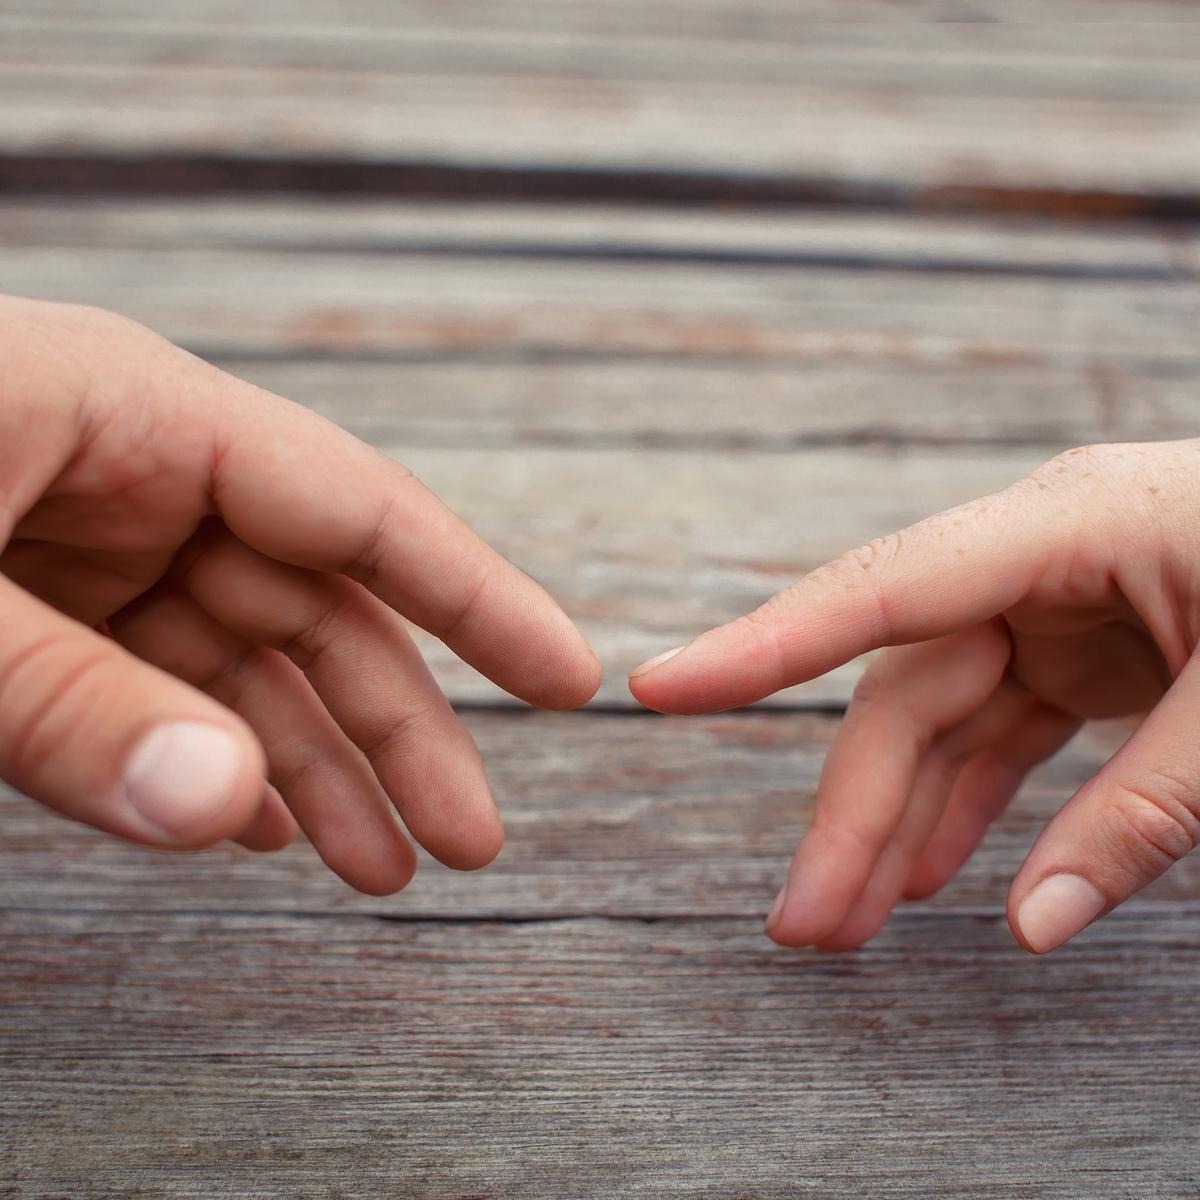 Dating moslim man zoenen niet geïnteresseerd in dating Yahoo Answers